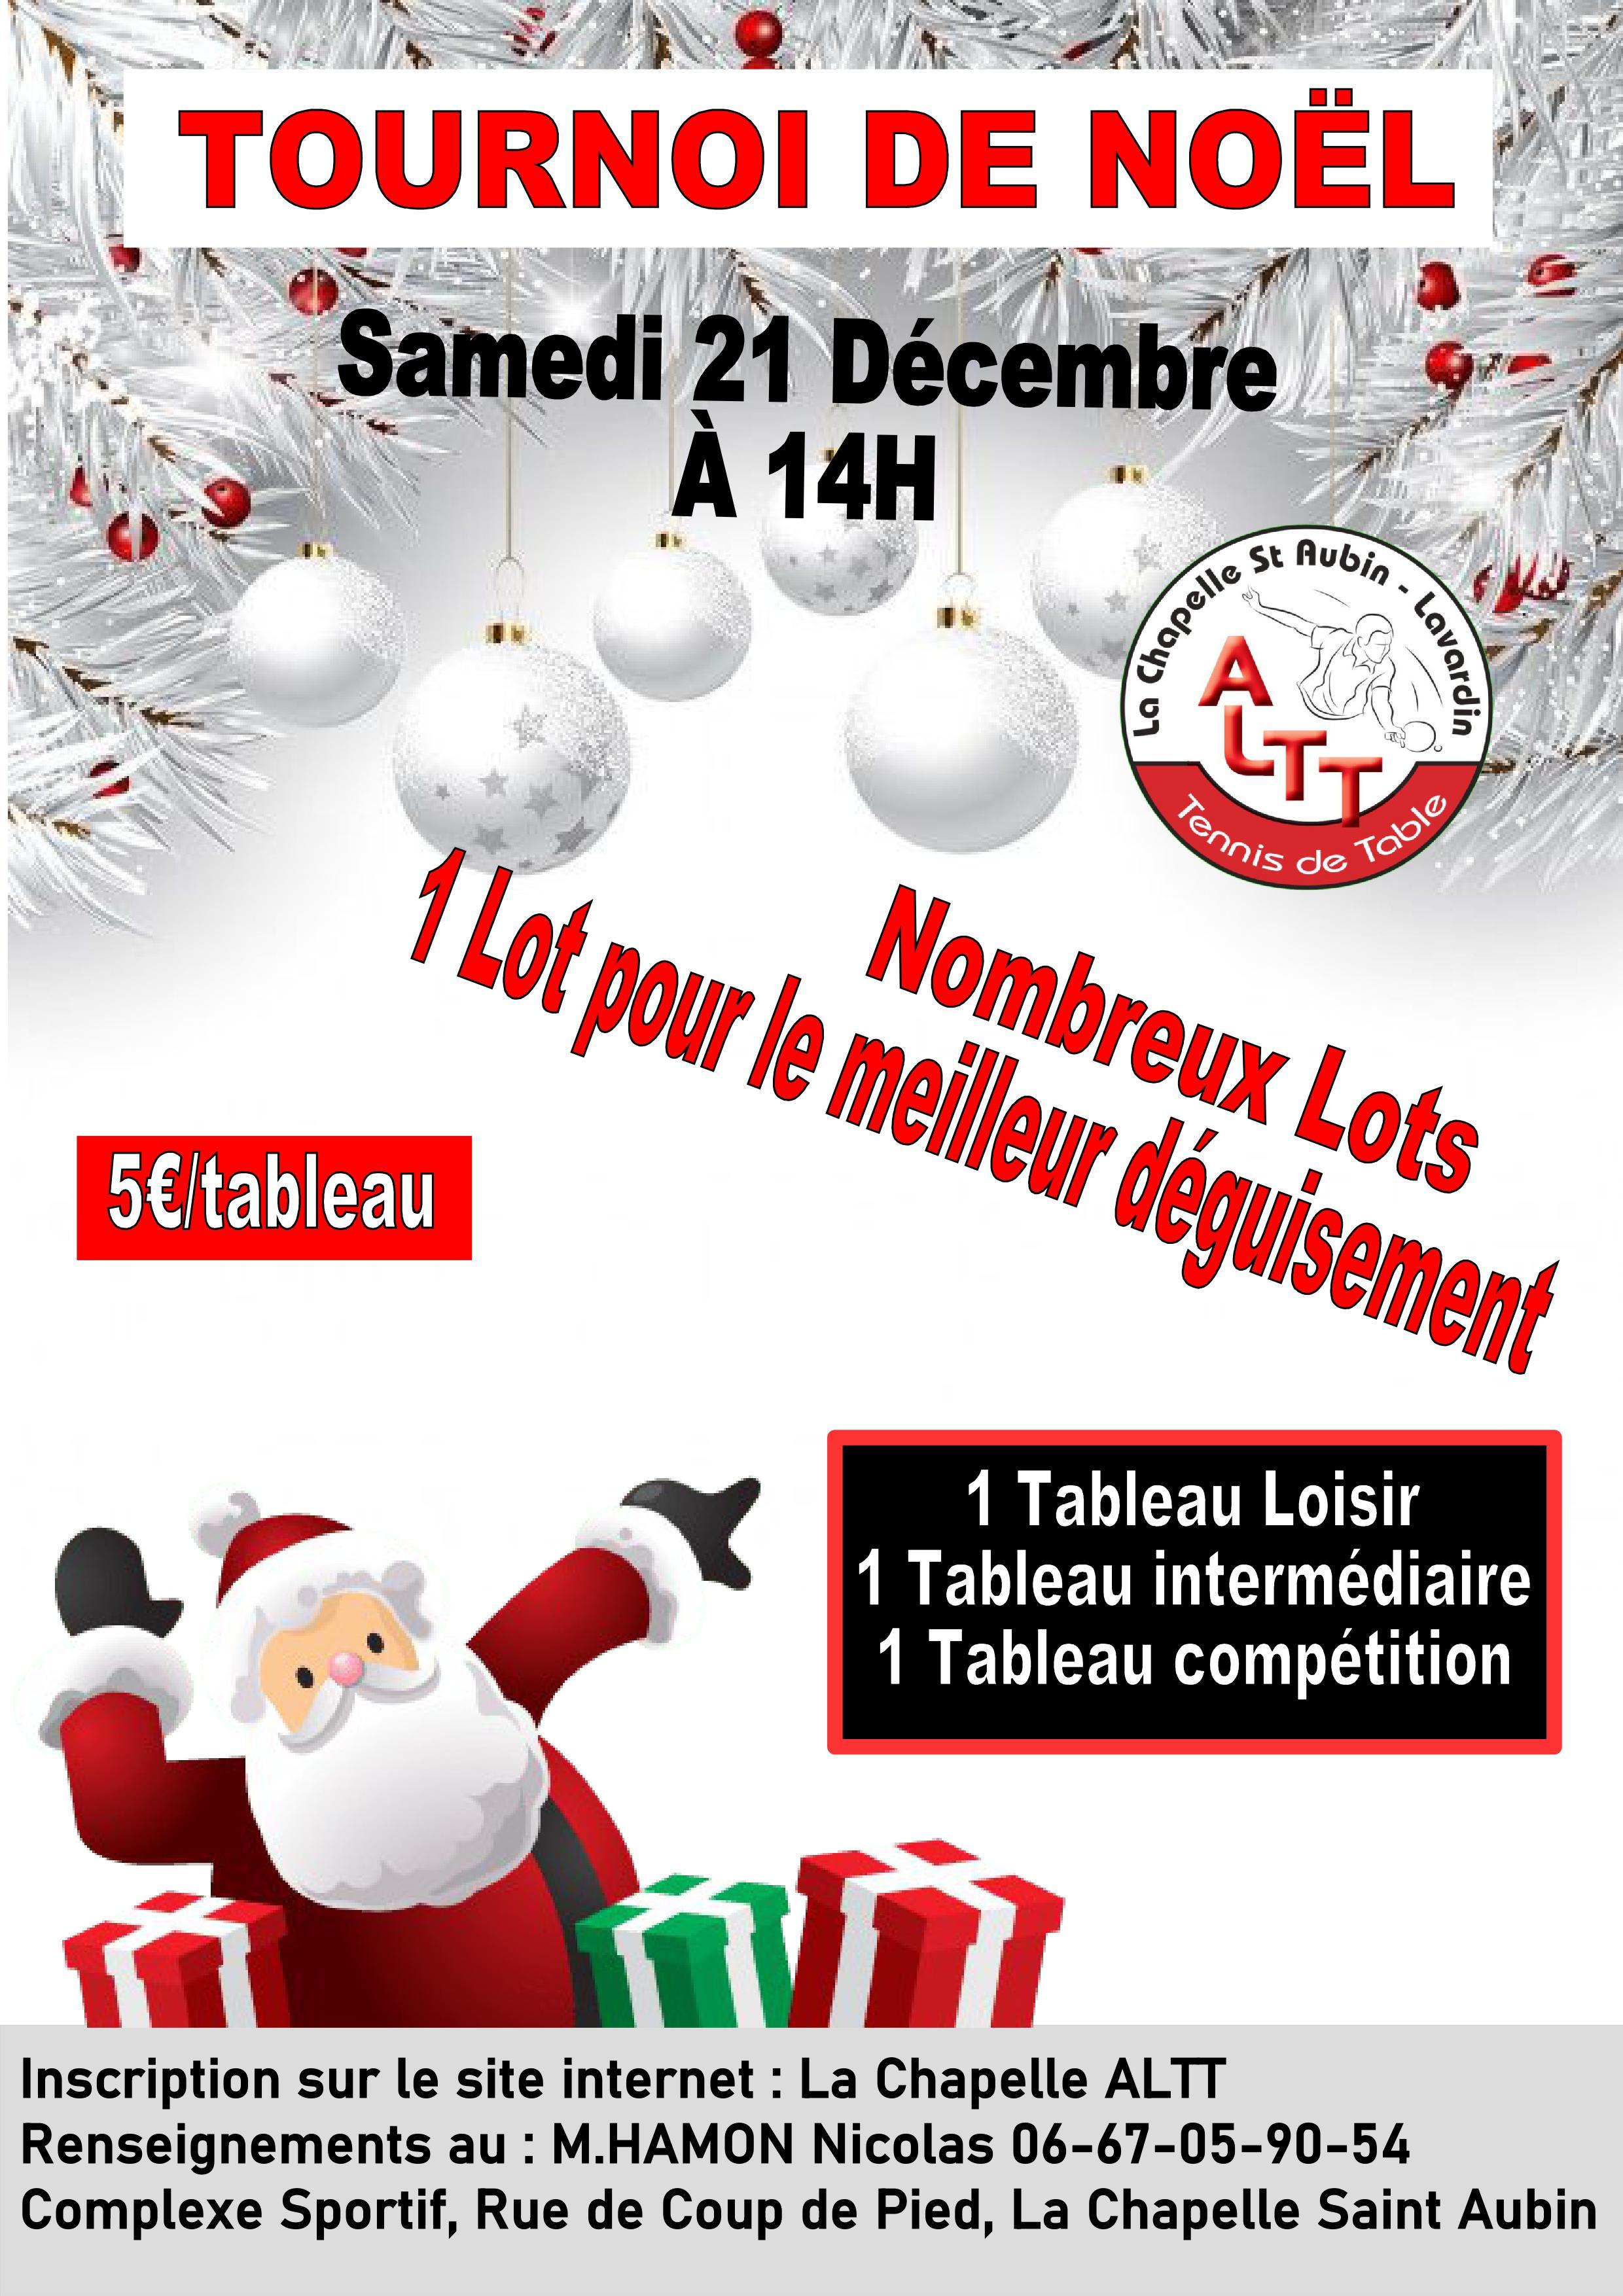 Tournoi de Noël La Chapelle ALTT